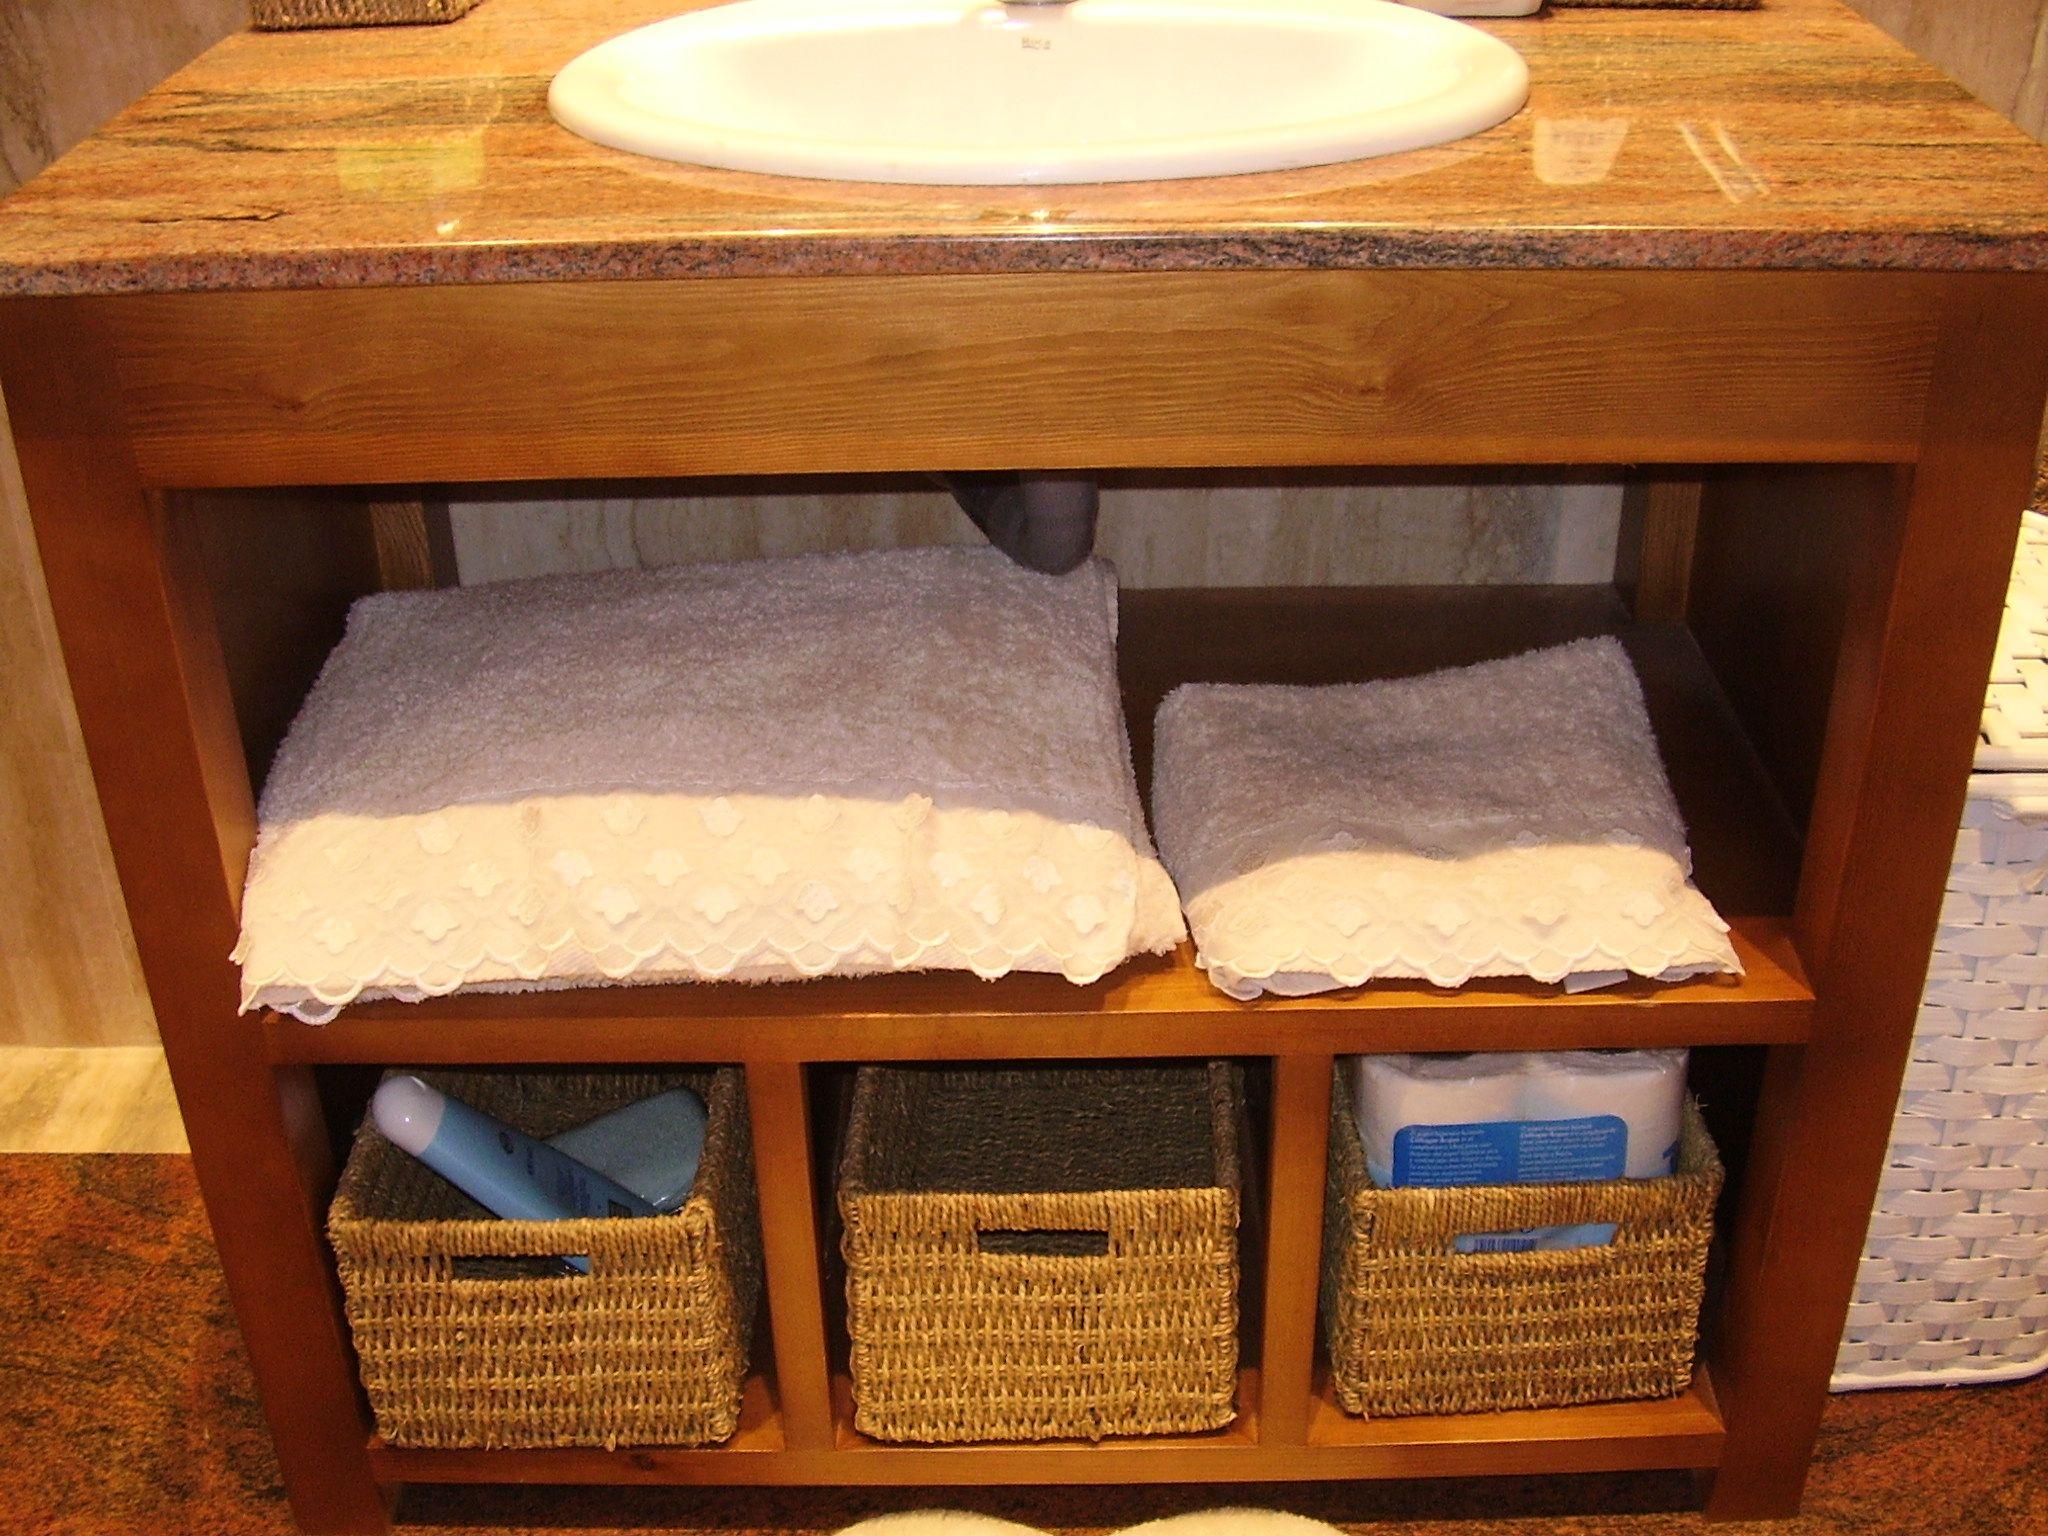 Mueble Bajo Encimera De Mármol En Madera Sólo Con Huecos Diseñomuebles Diseñocarpinteria Carpinteriamadera Muebles De Baño Diseño De Muebles Mueble Bajo